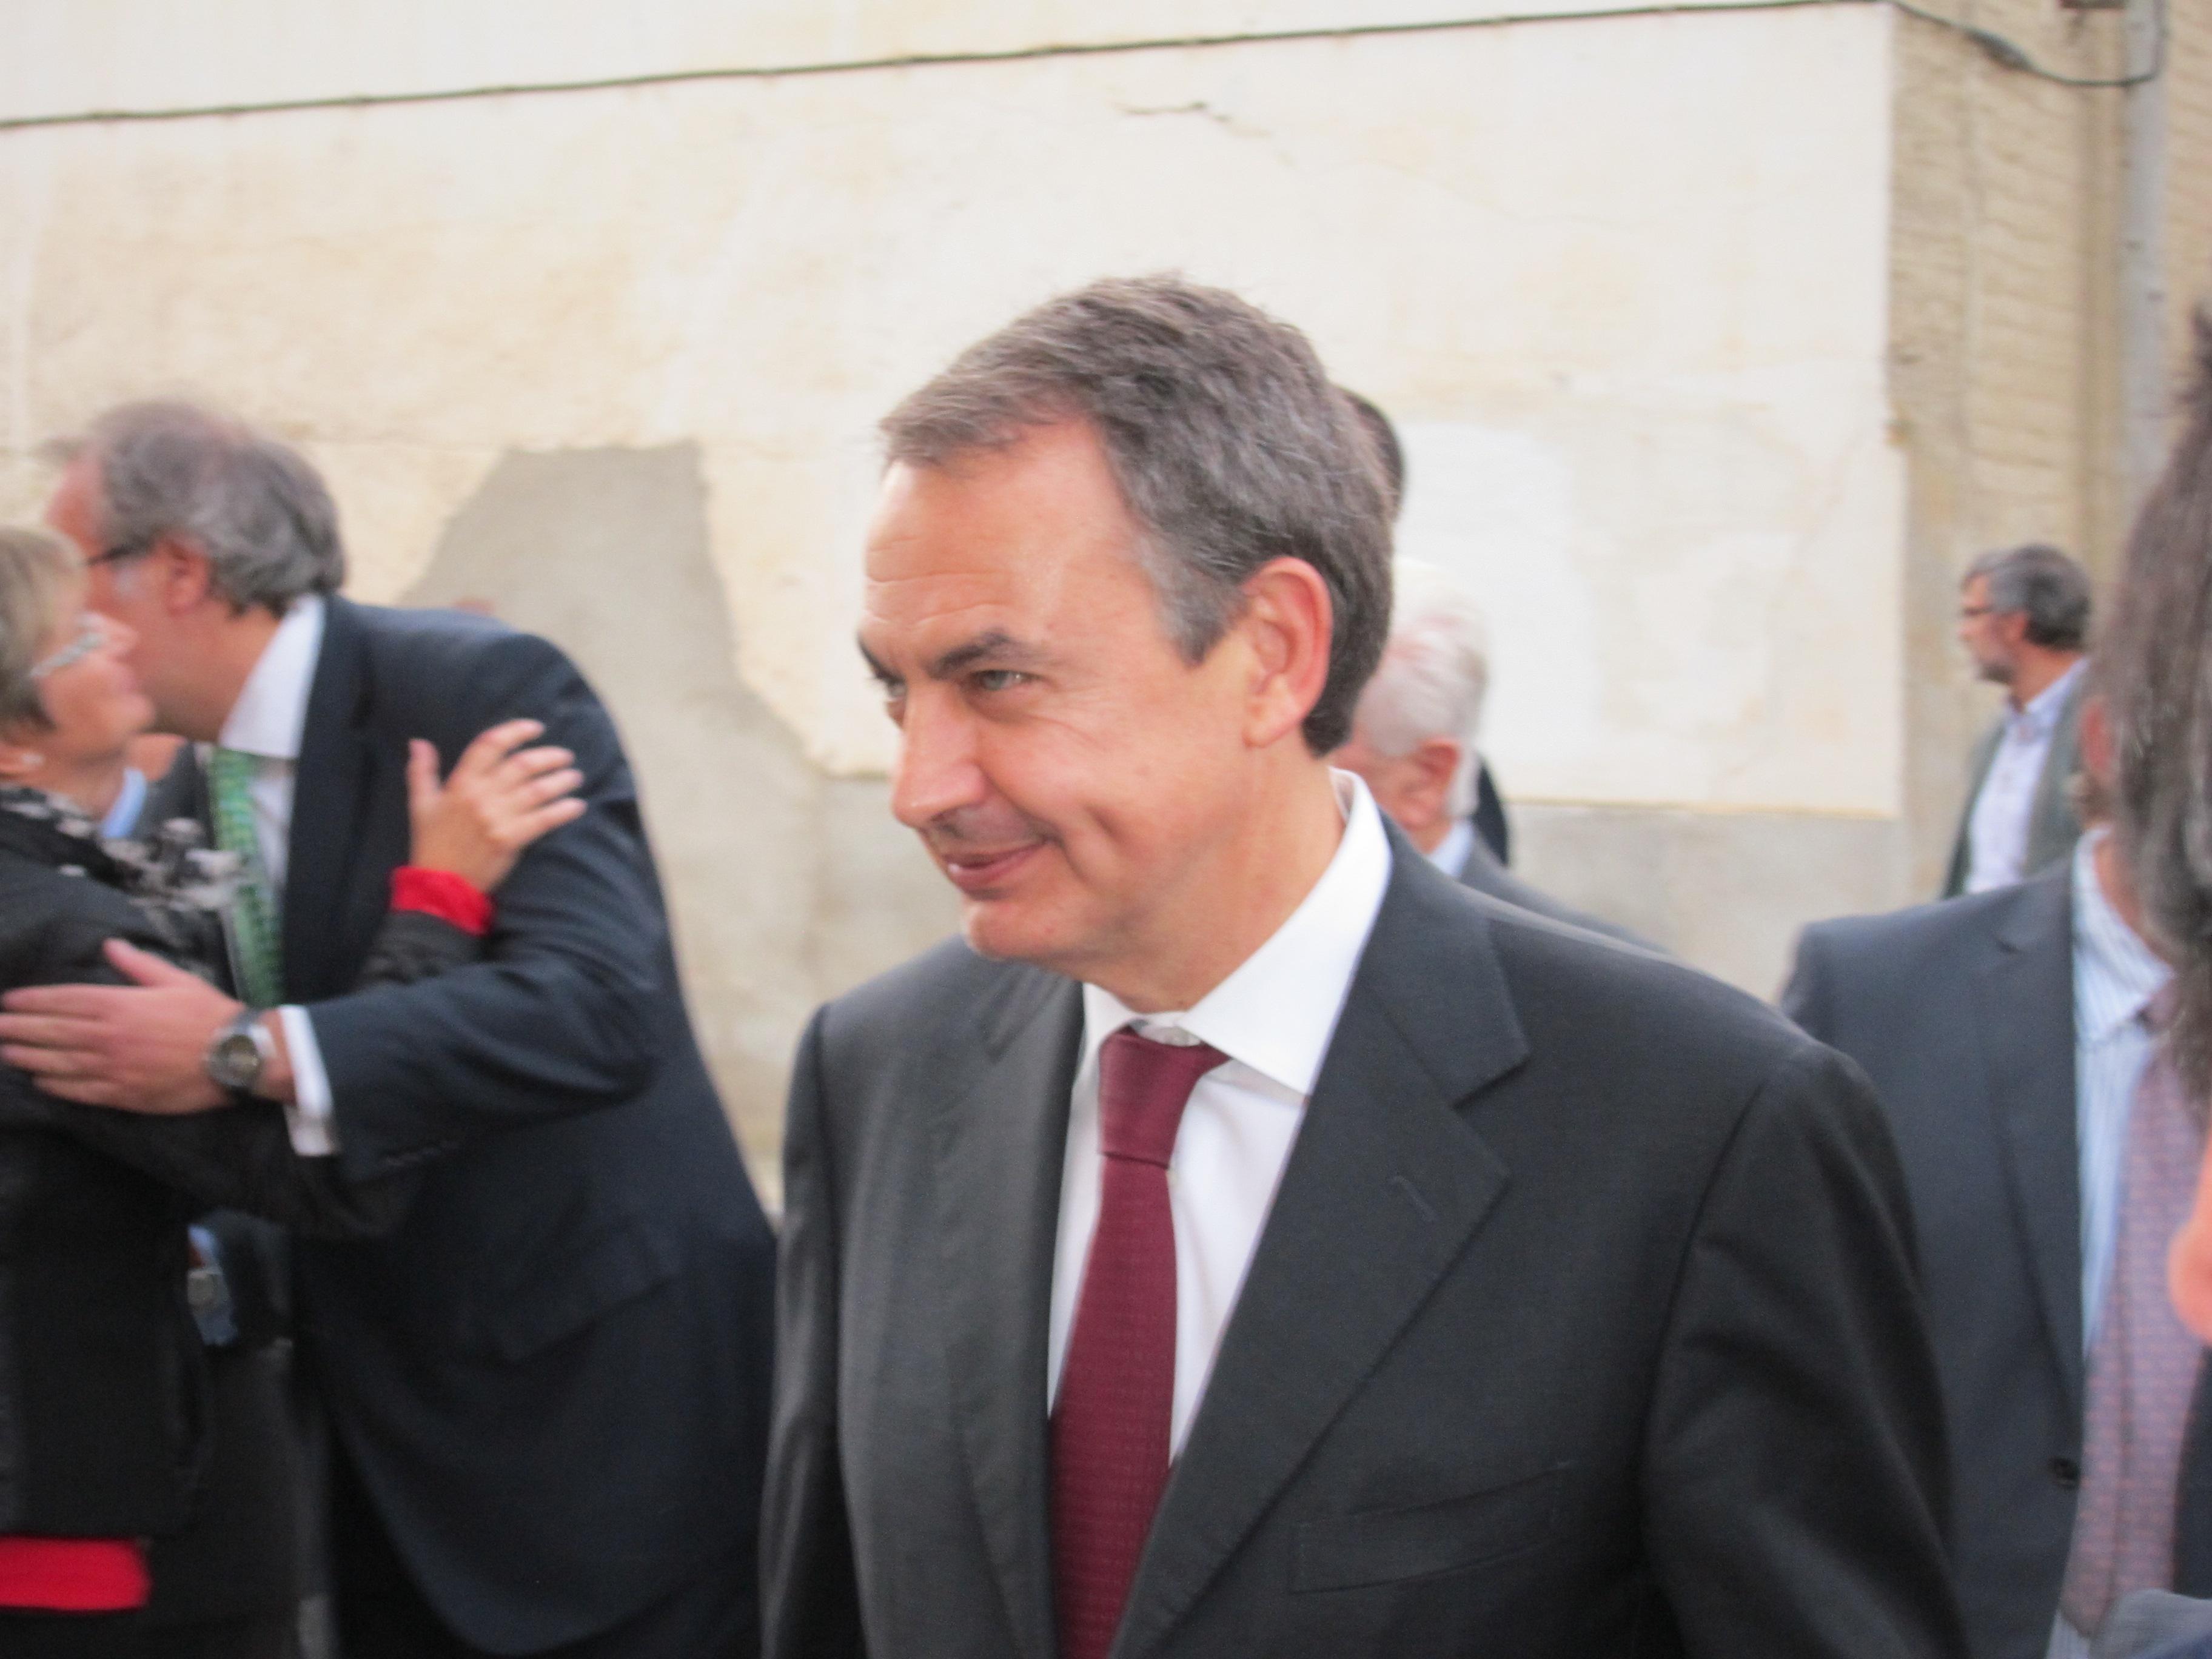 Rodríguez Zapatero cree que la sentencia «causa dolor» pero «hay que respetarla»